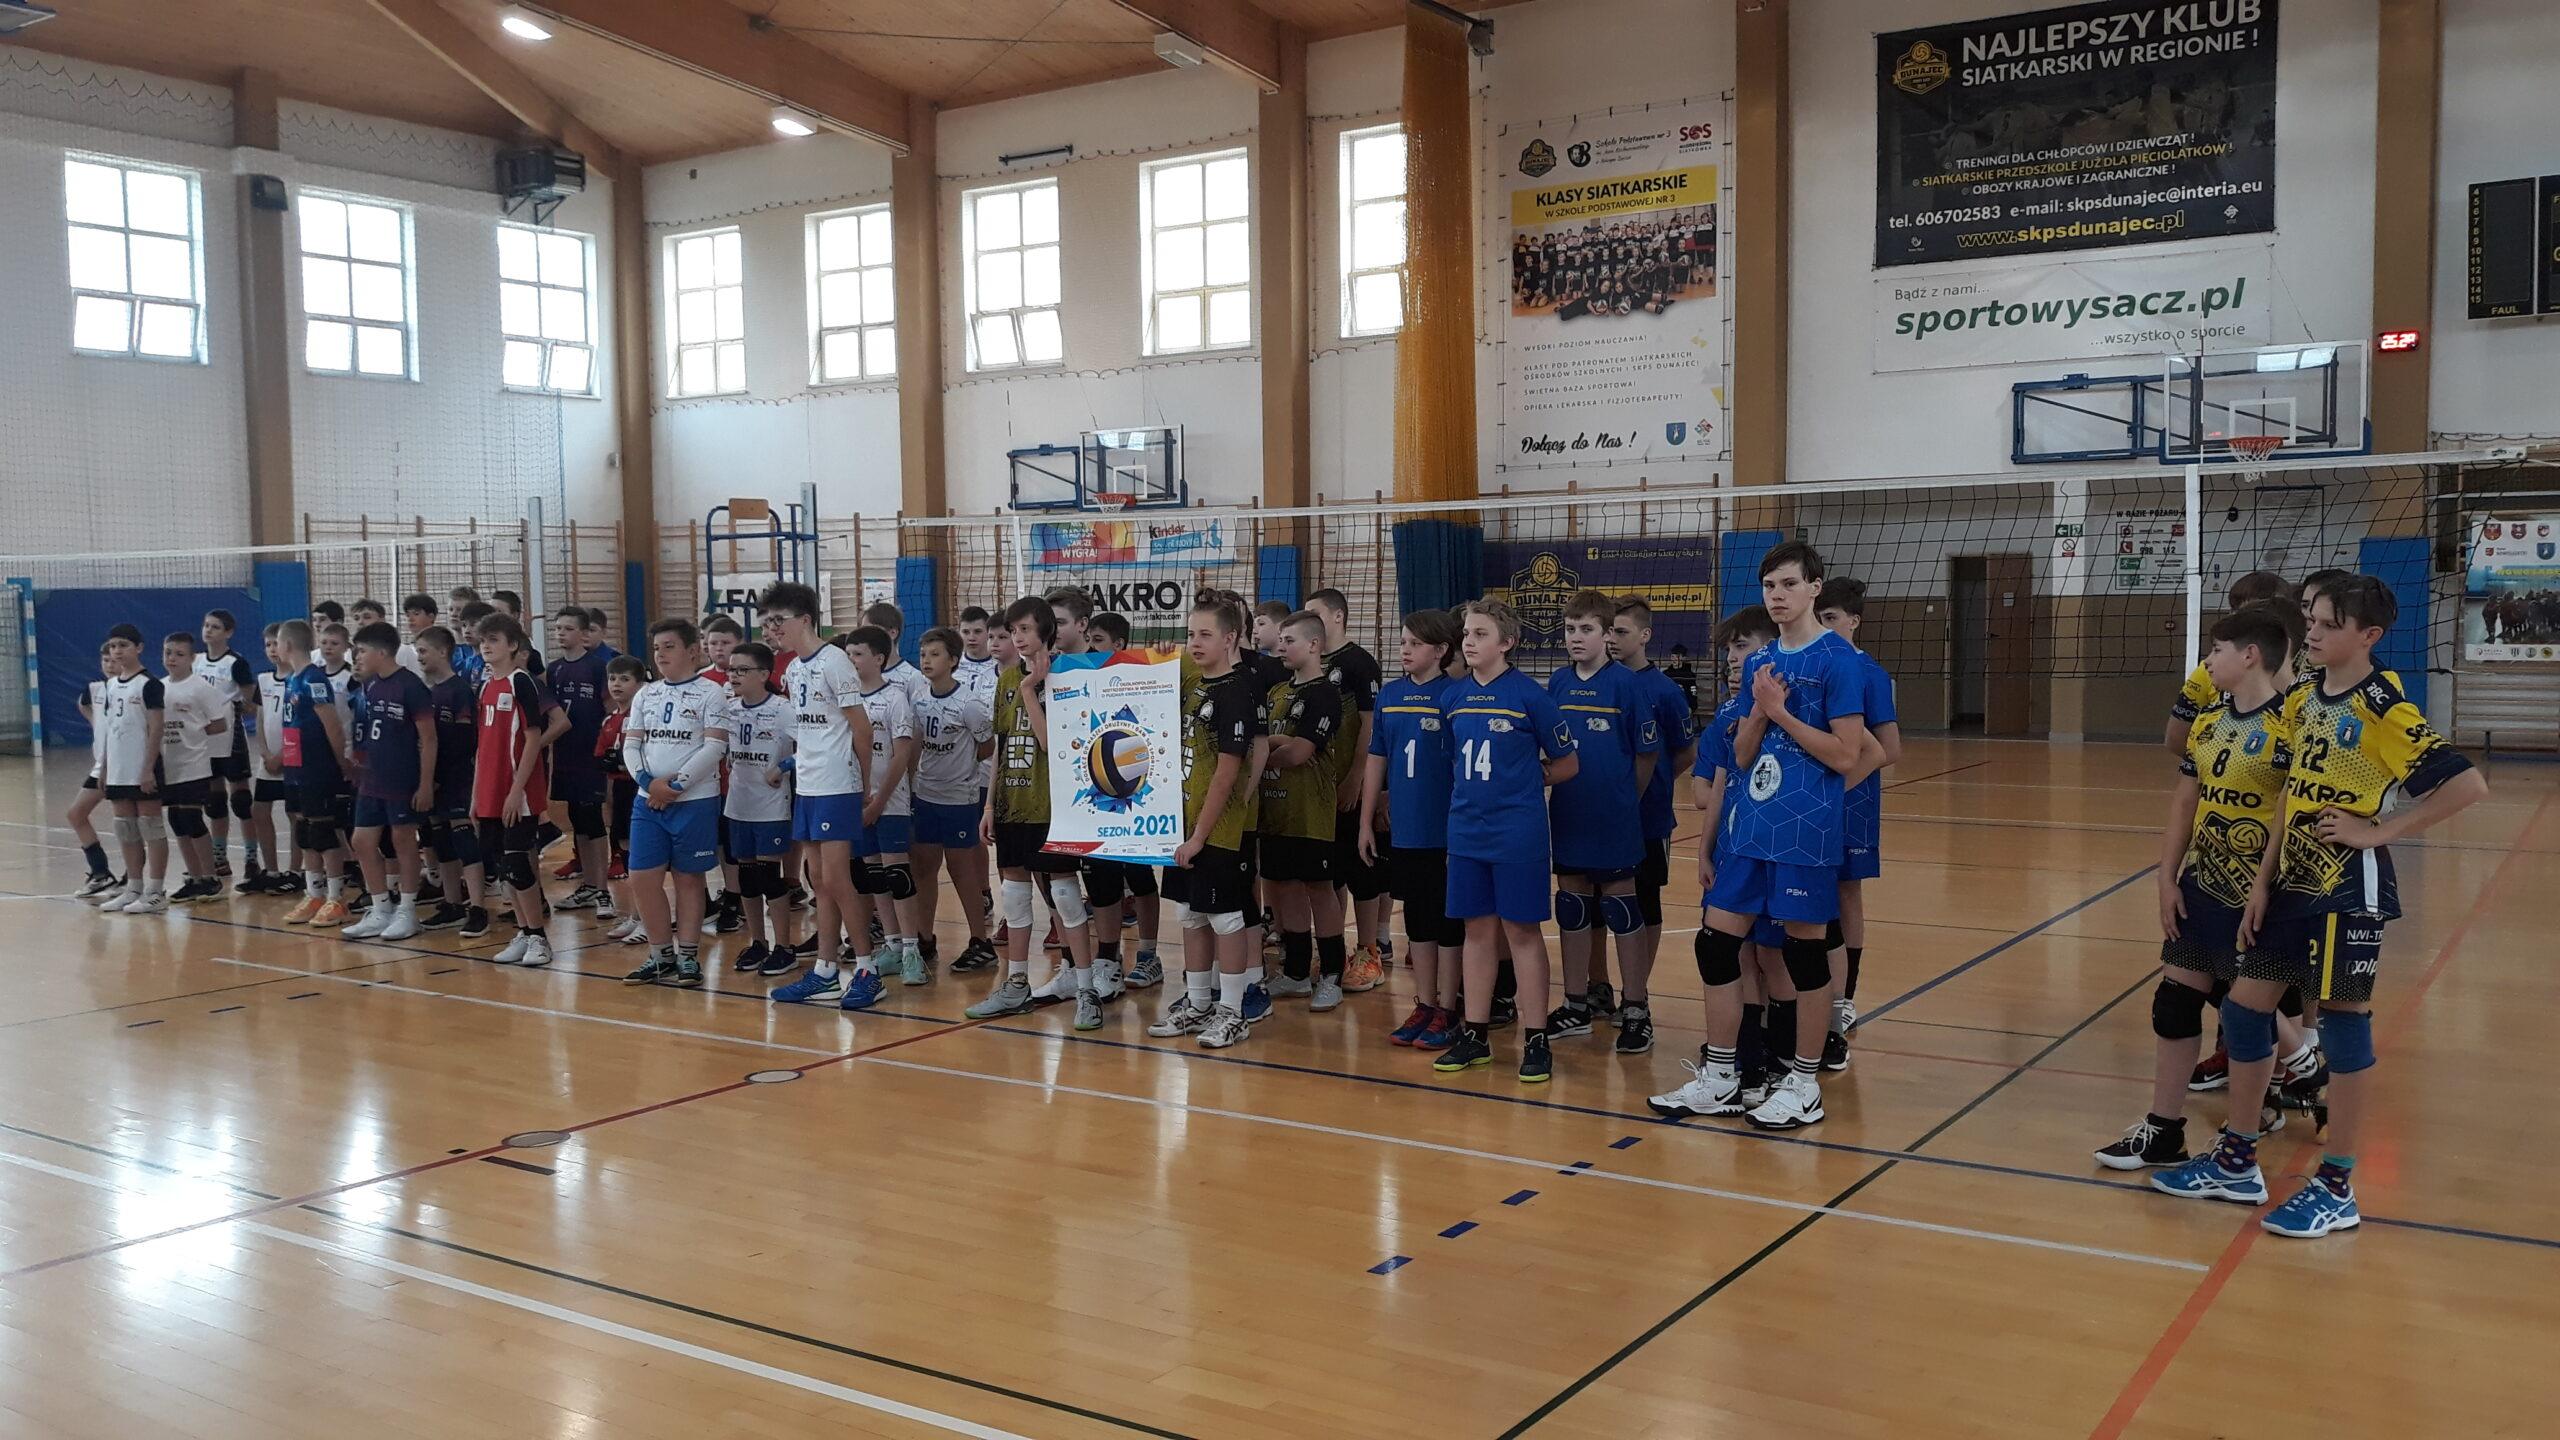 Finał wojewódzki Kinder+Sport 2021 w kategorii czwórek chłopców